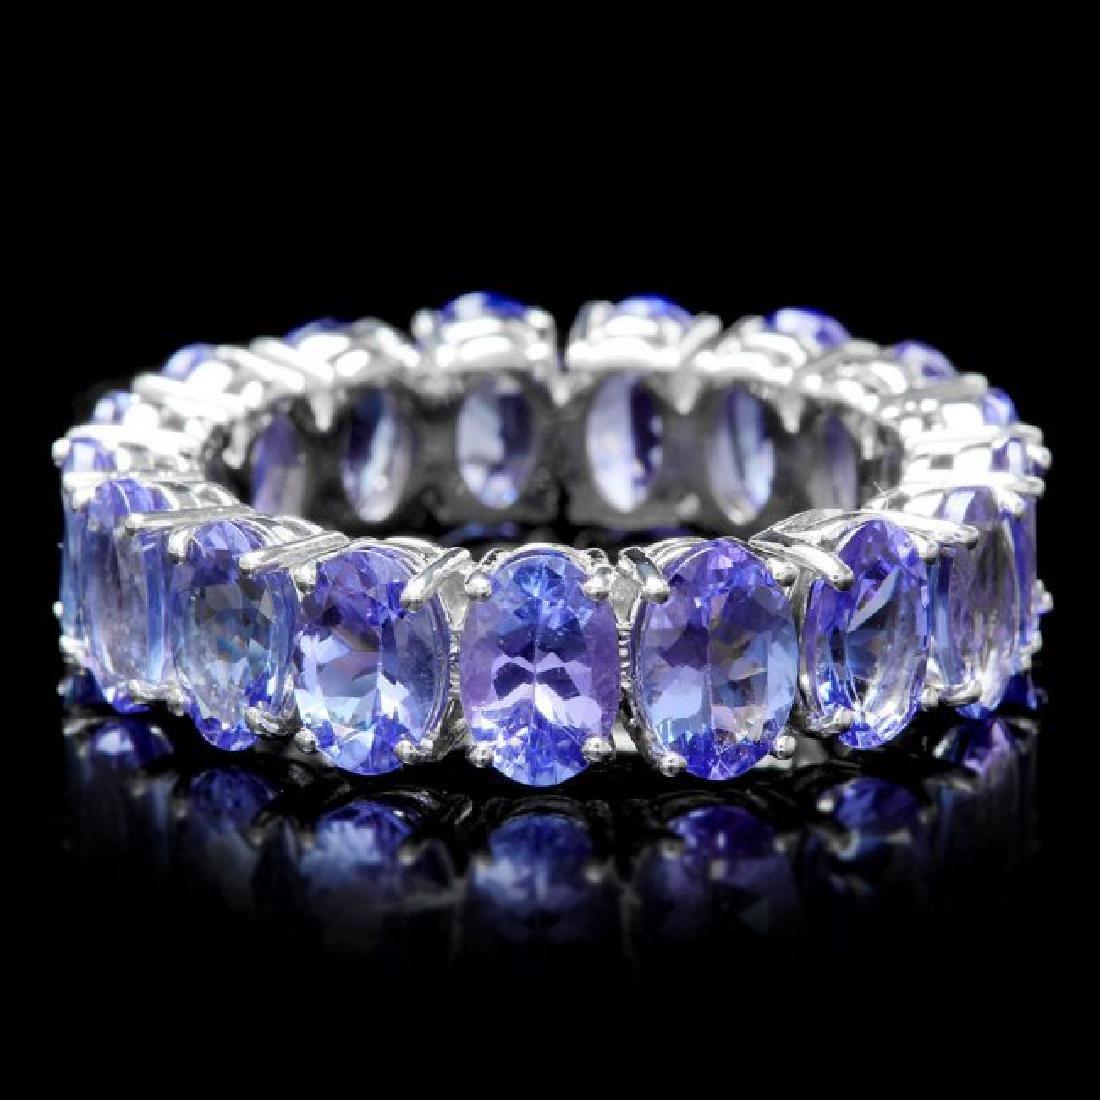 14k White Gold 8.00ct Tanzanite Ring